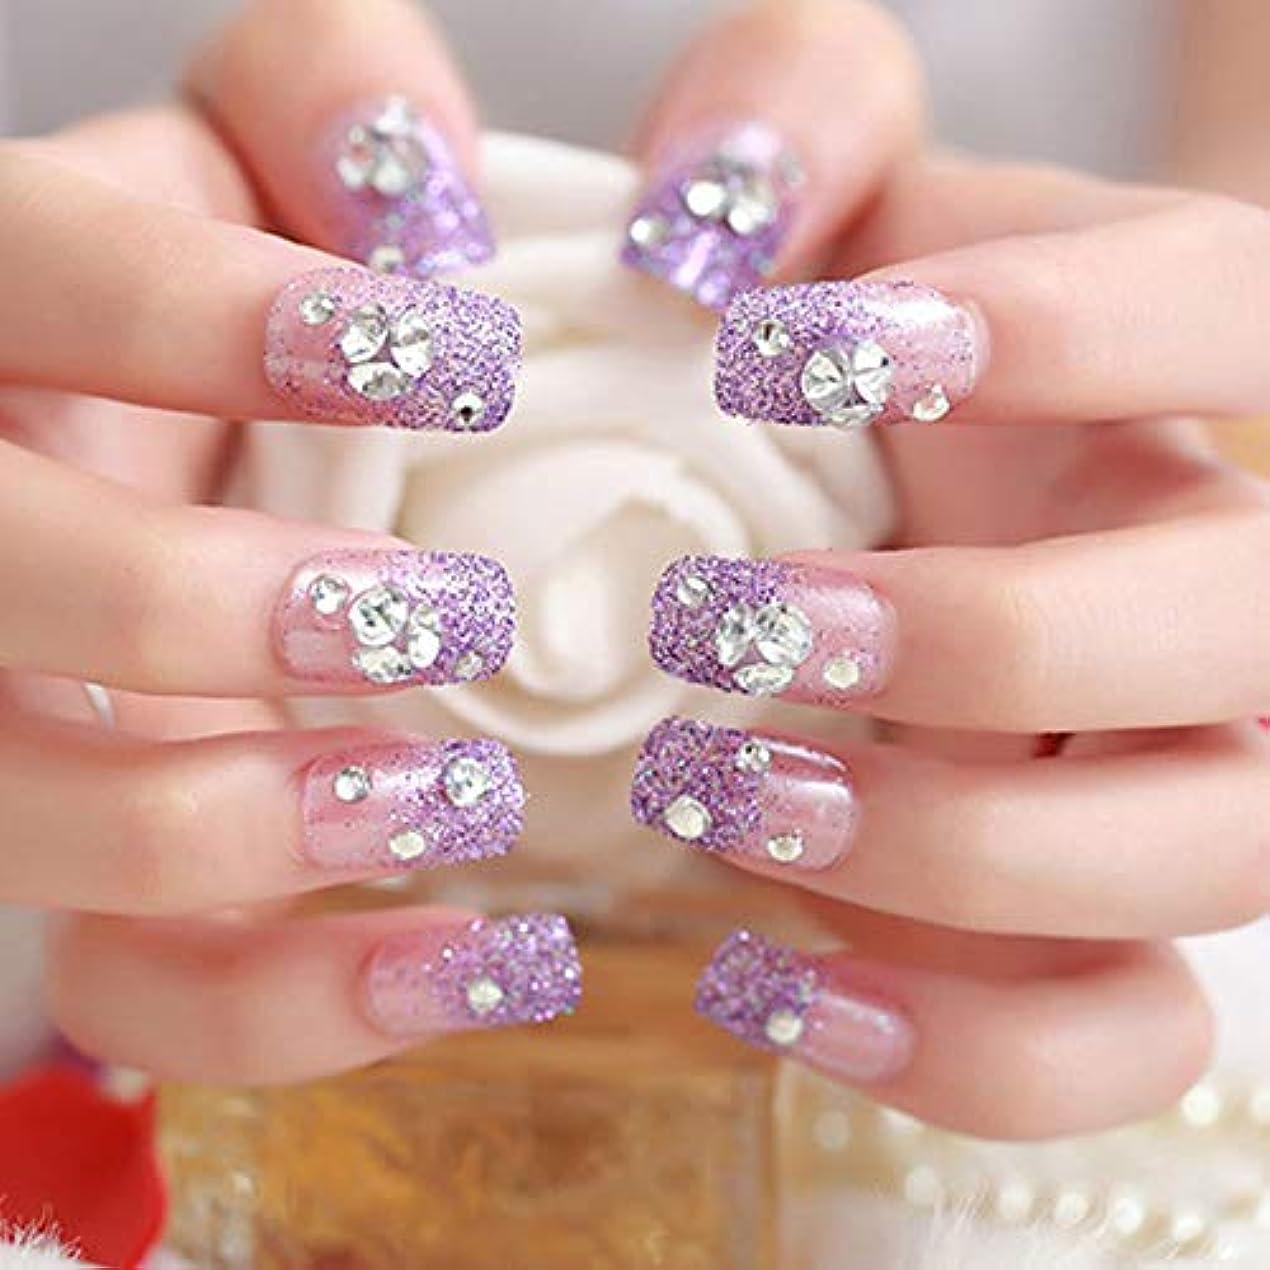 可決役に立たない特にXUTXZKA キラキラ人工爪紫色の輝くラインストーン結婚式の花嫁のネイルアートフェイクネイル